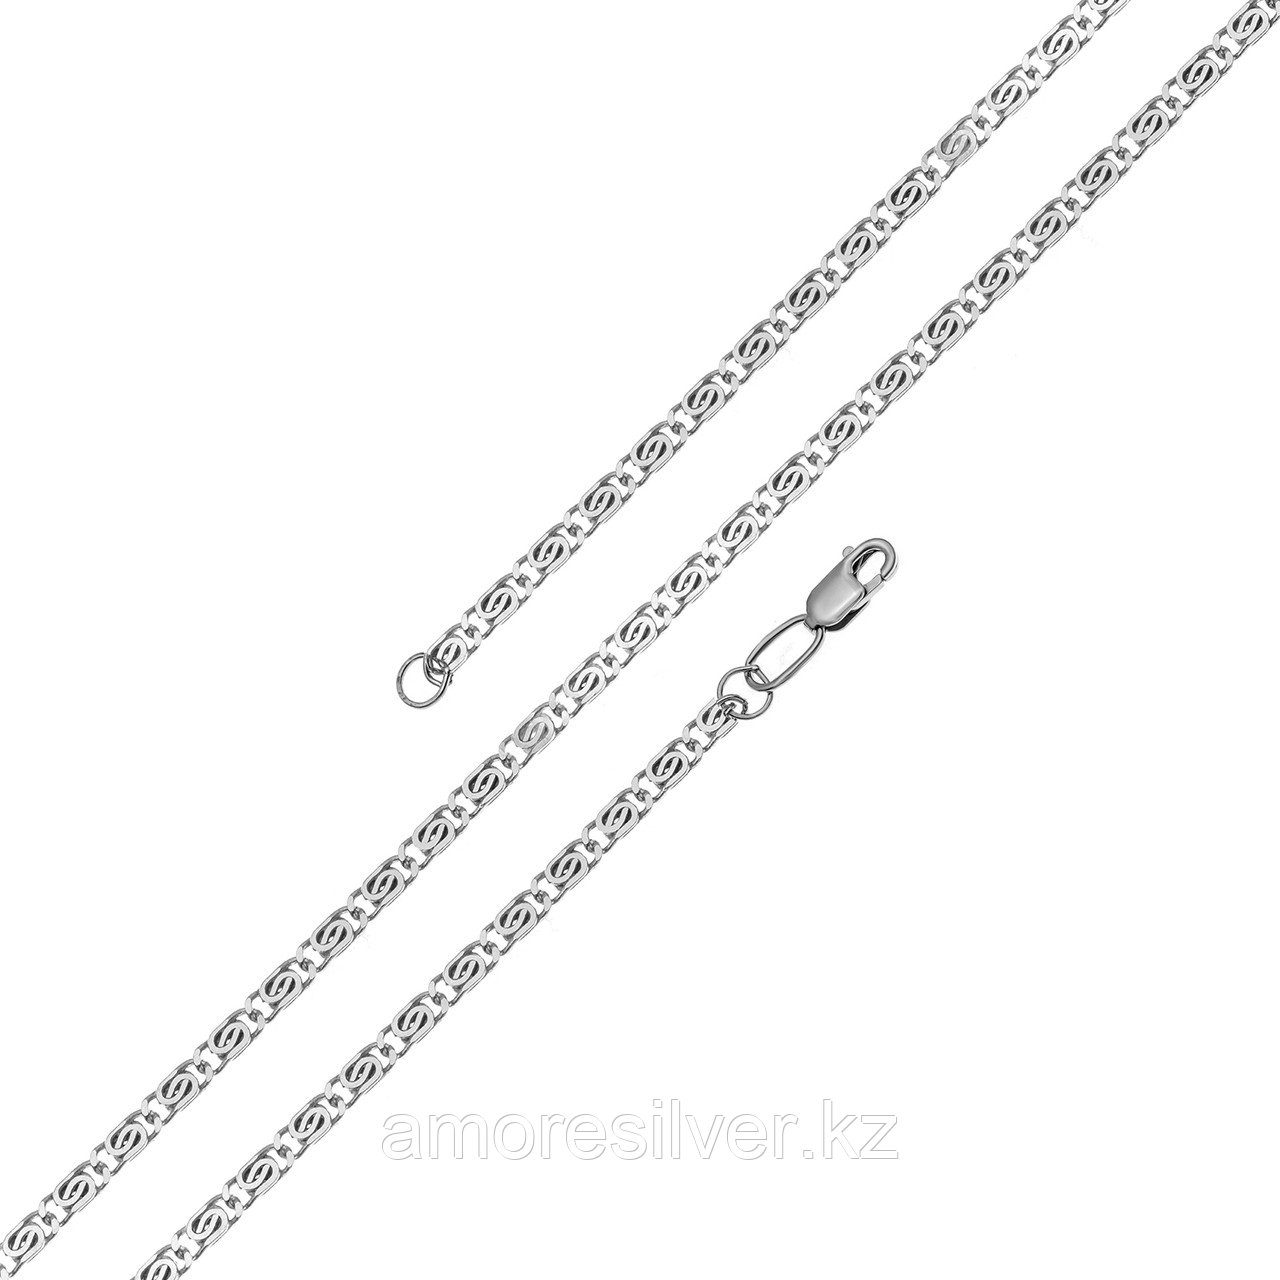 Цепь  серебро с родием, без вставок, улитка 81035180140